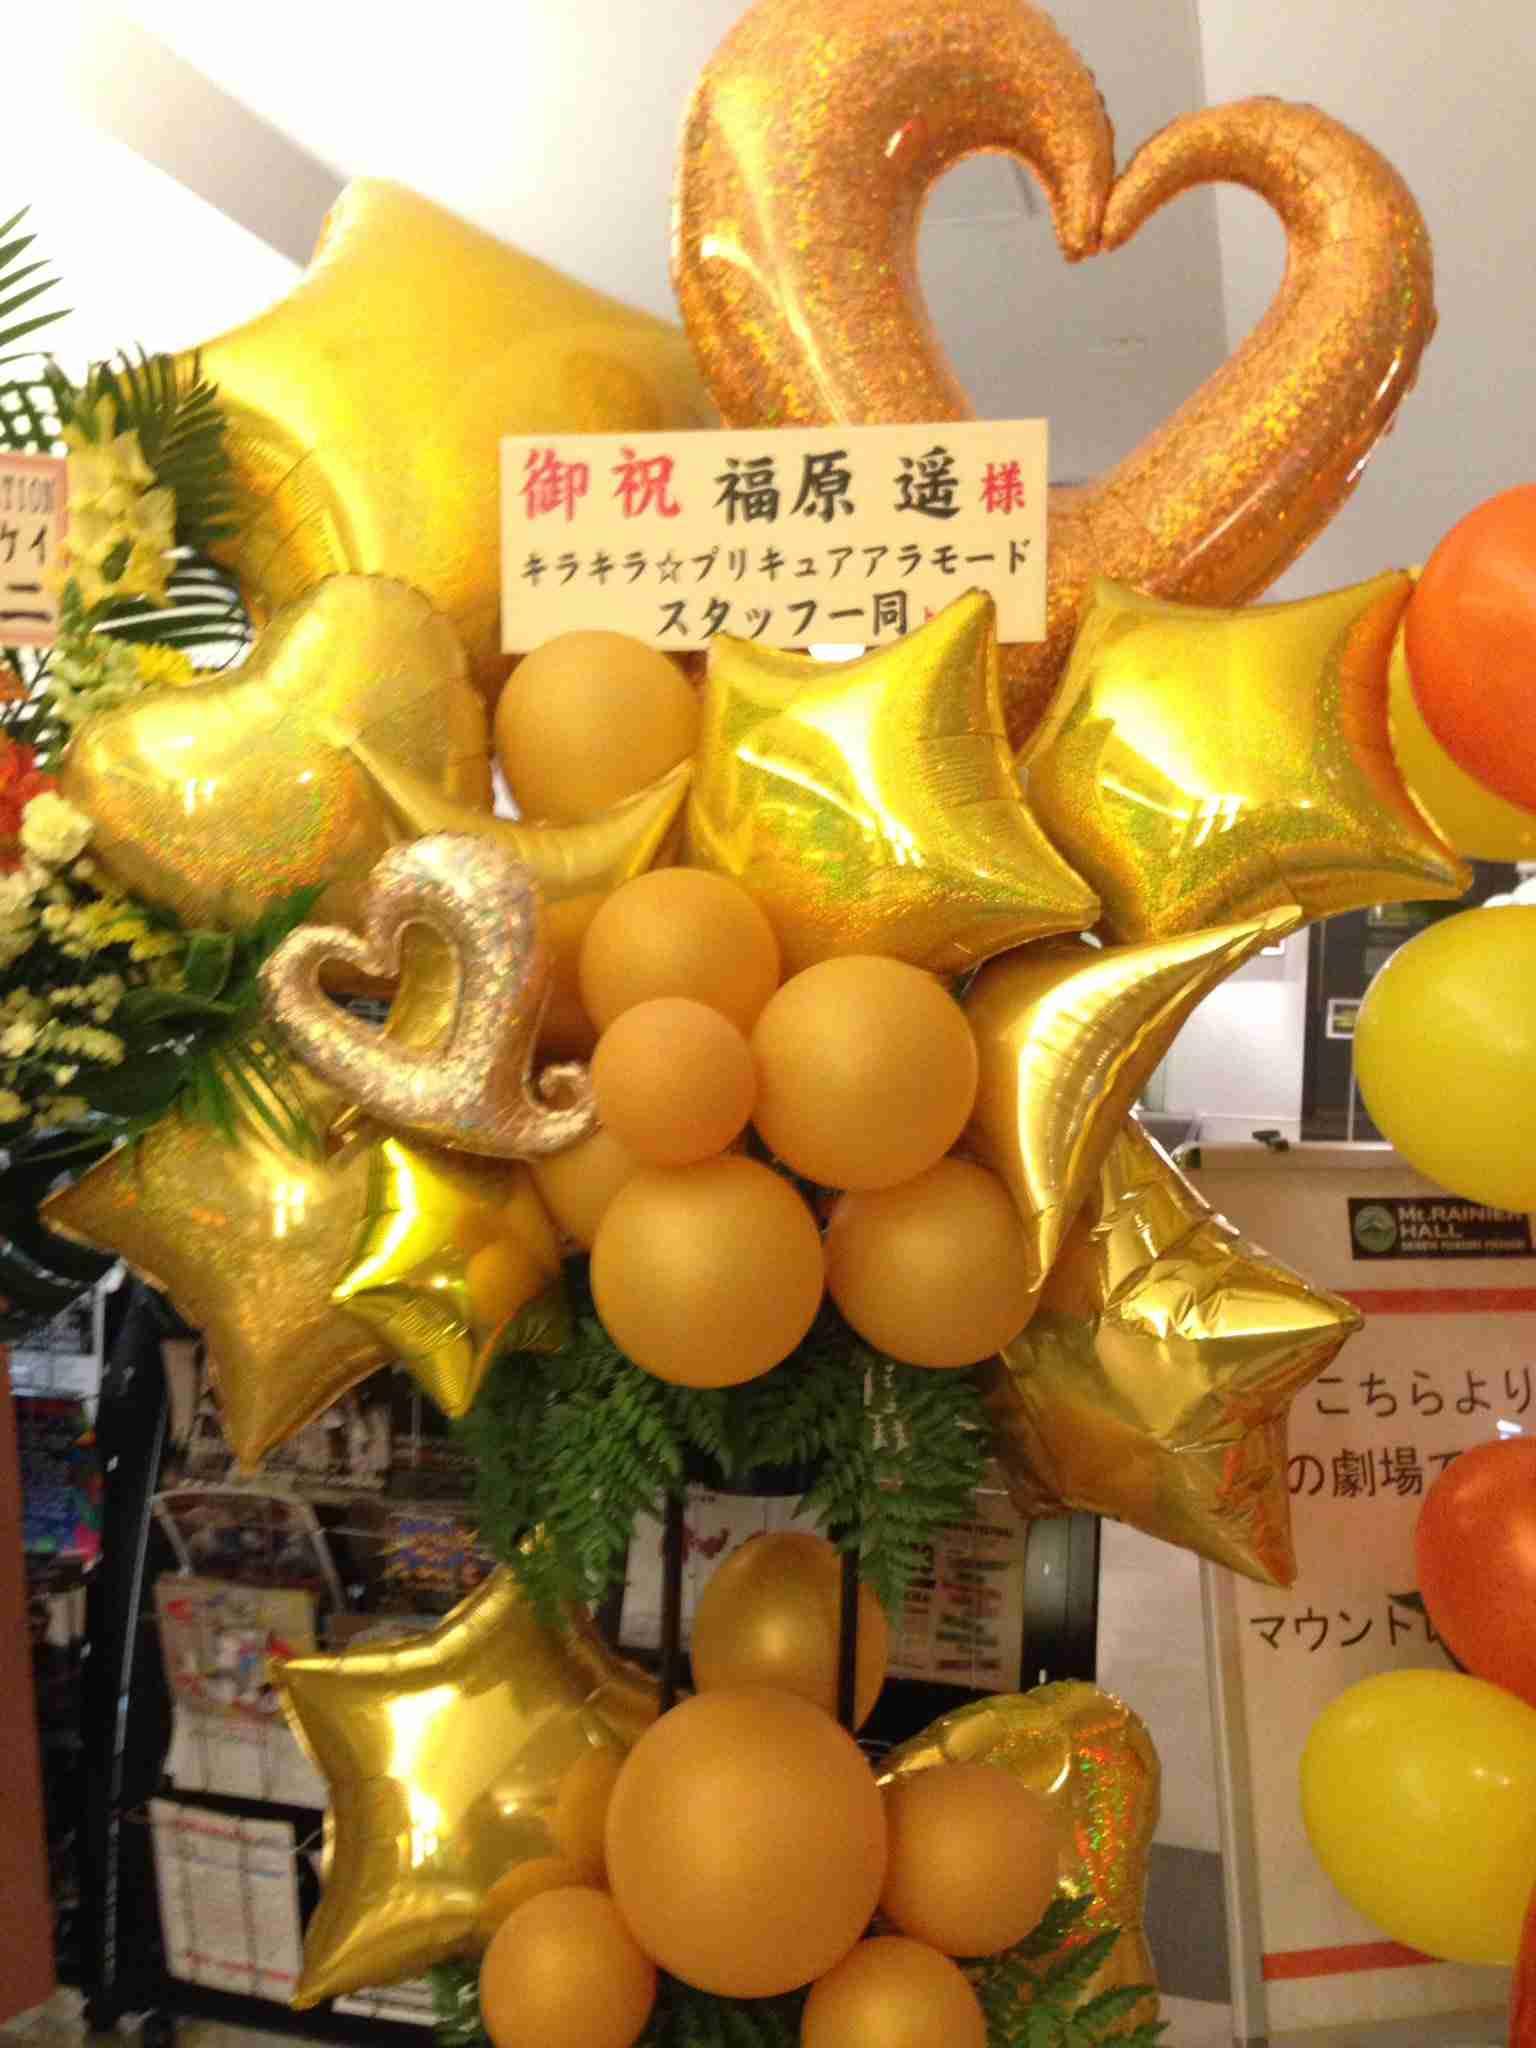 福原遥&広瀬すず、同い年コンビの2ショットに「神コンビ」「破壊力がハンパない」とファン騒然